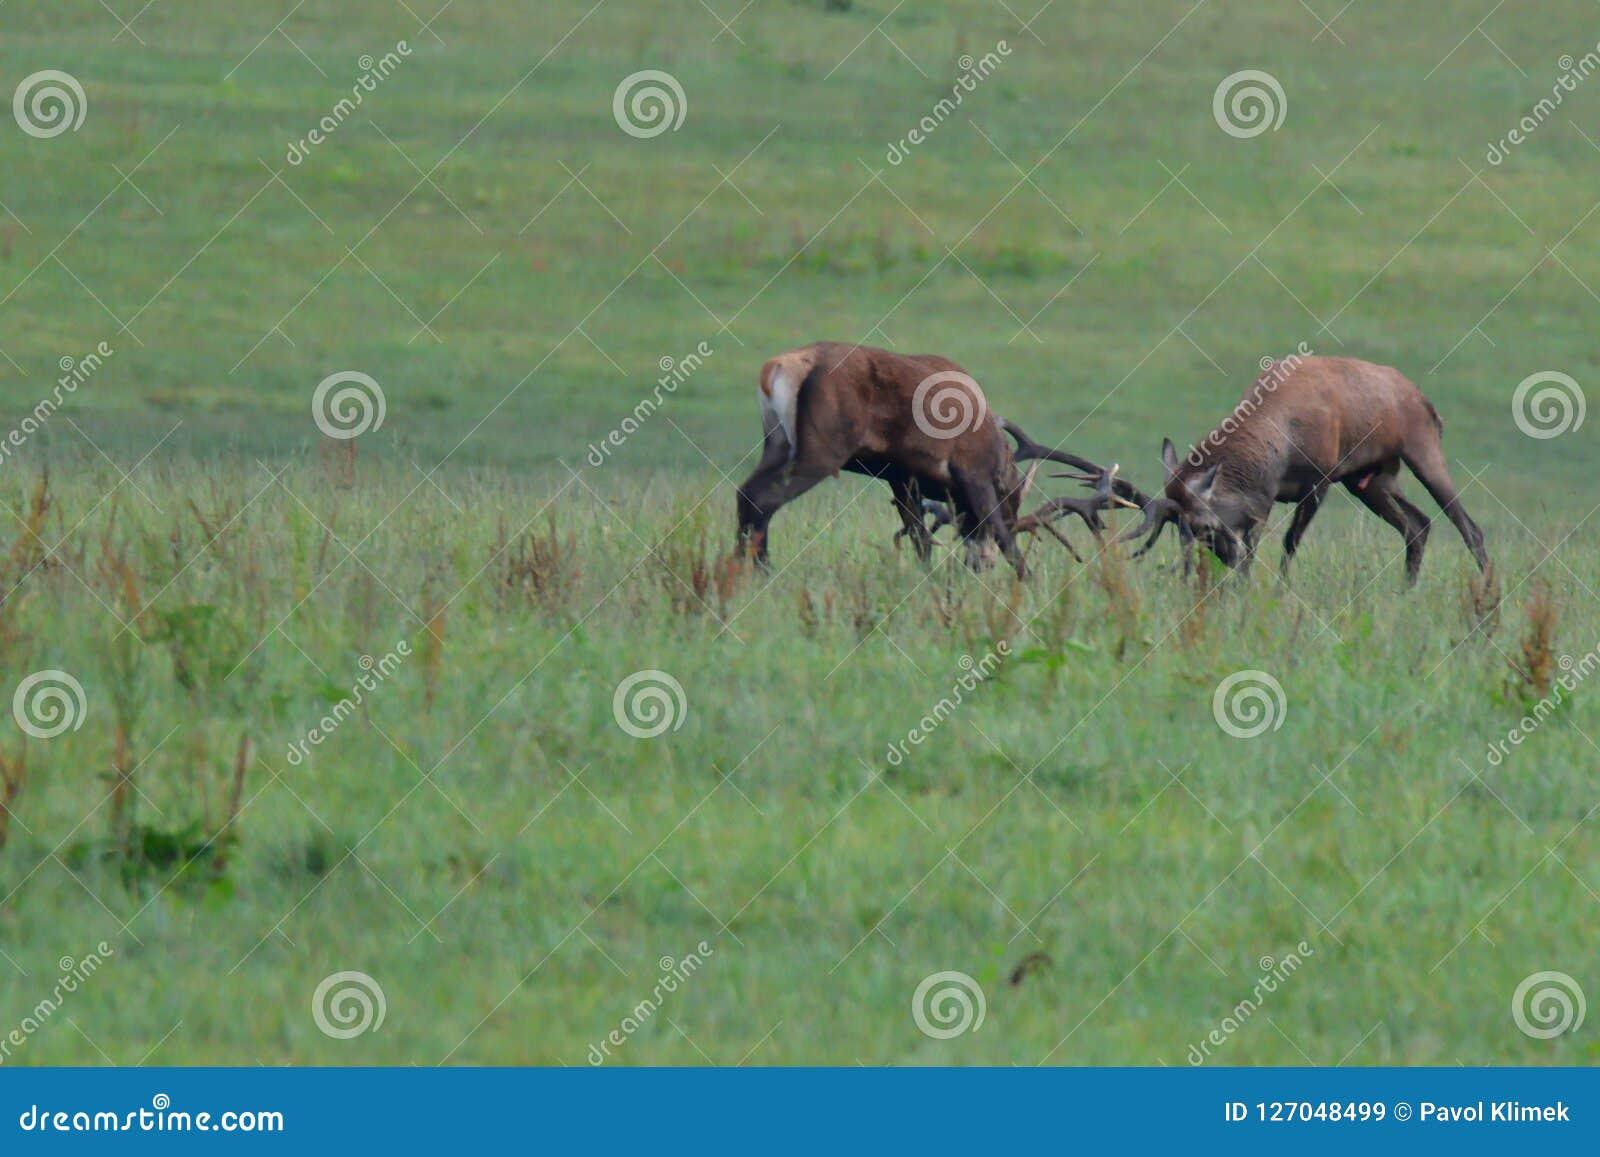 Maschio dei cervi nella stagione della carreggiata sul combattimento del prato